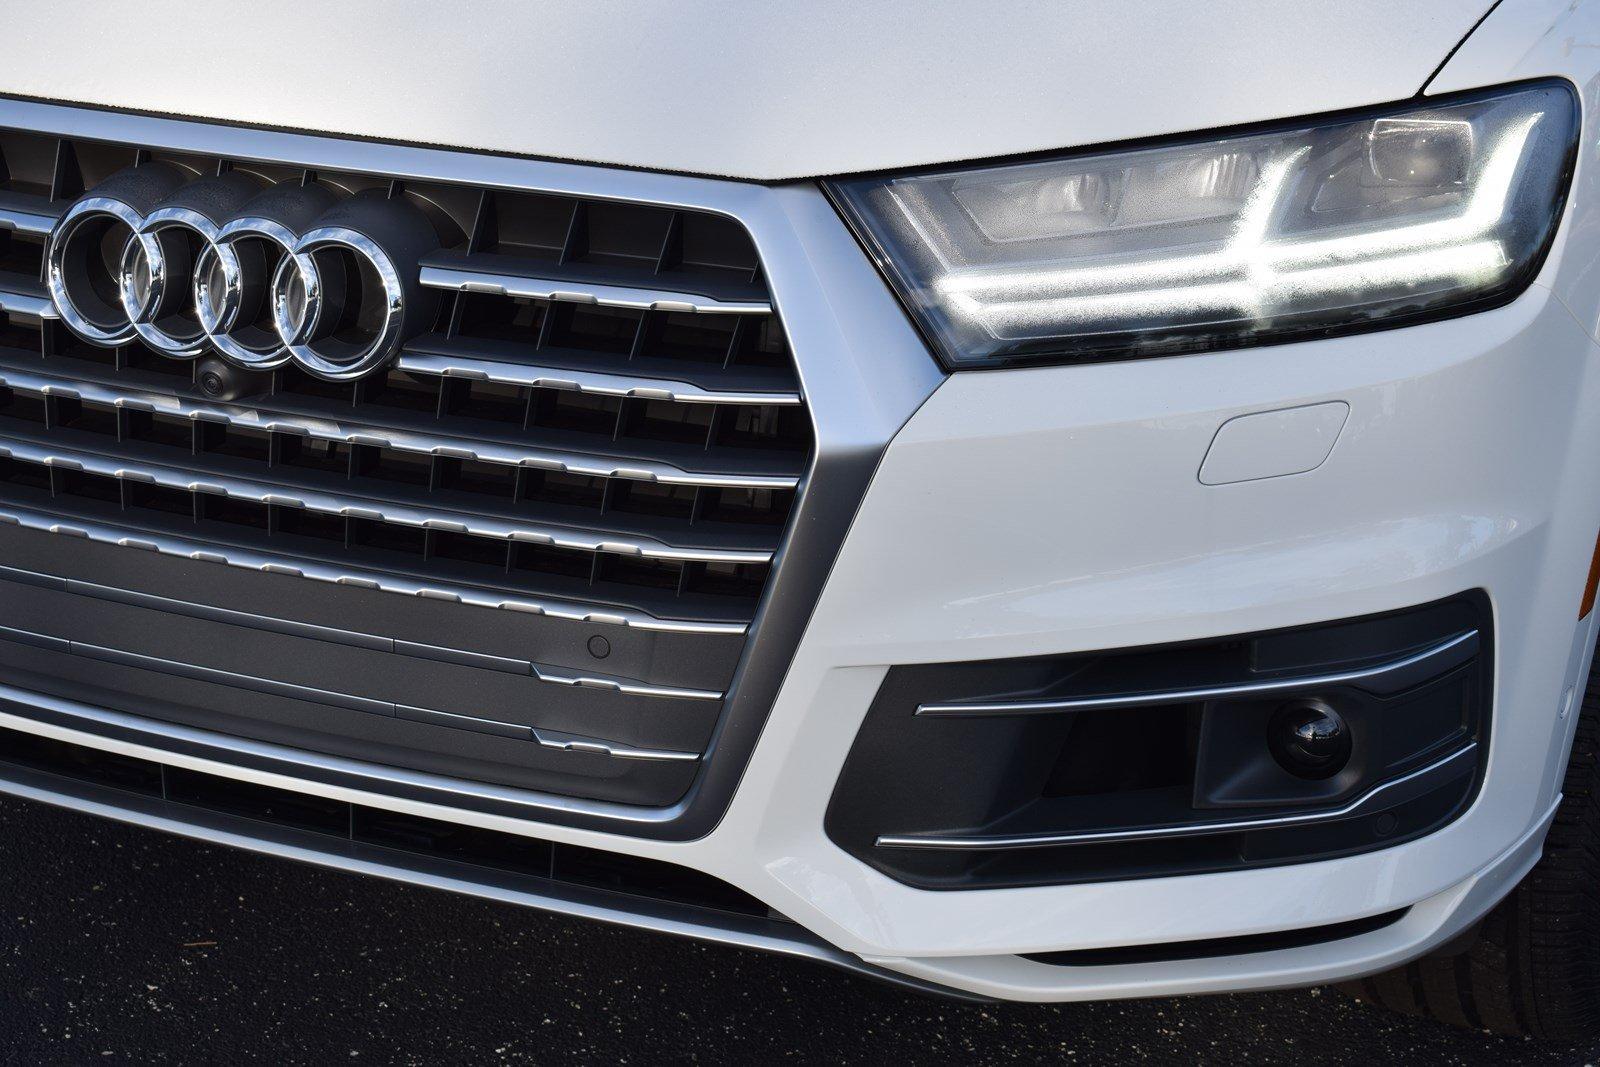 New 2019 Audi Q7 For Sale   Sanford FL   WA1LAAF79KD002131